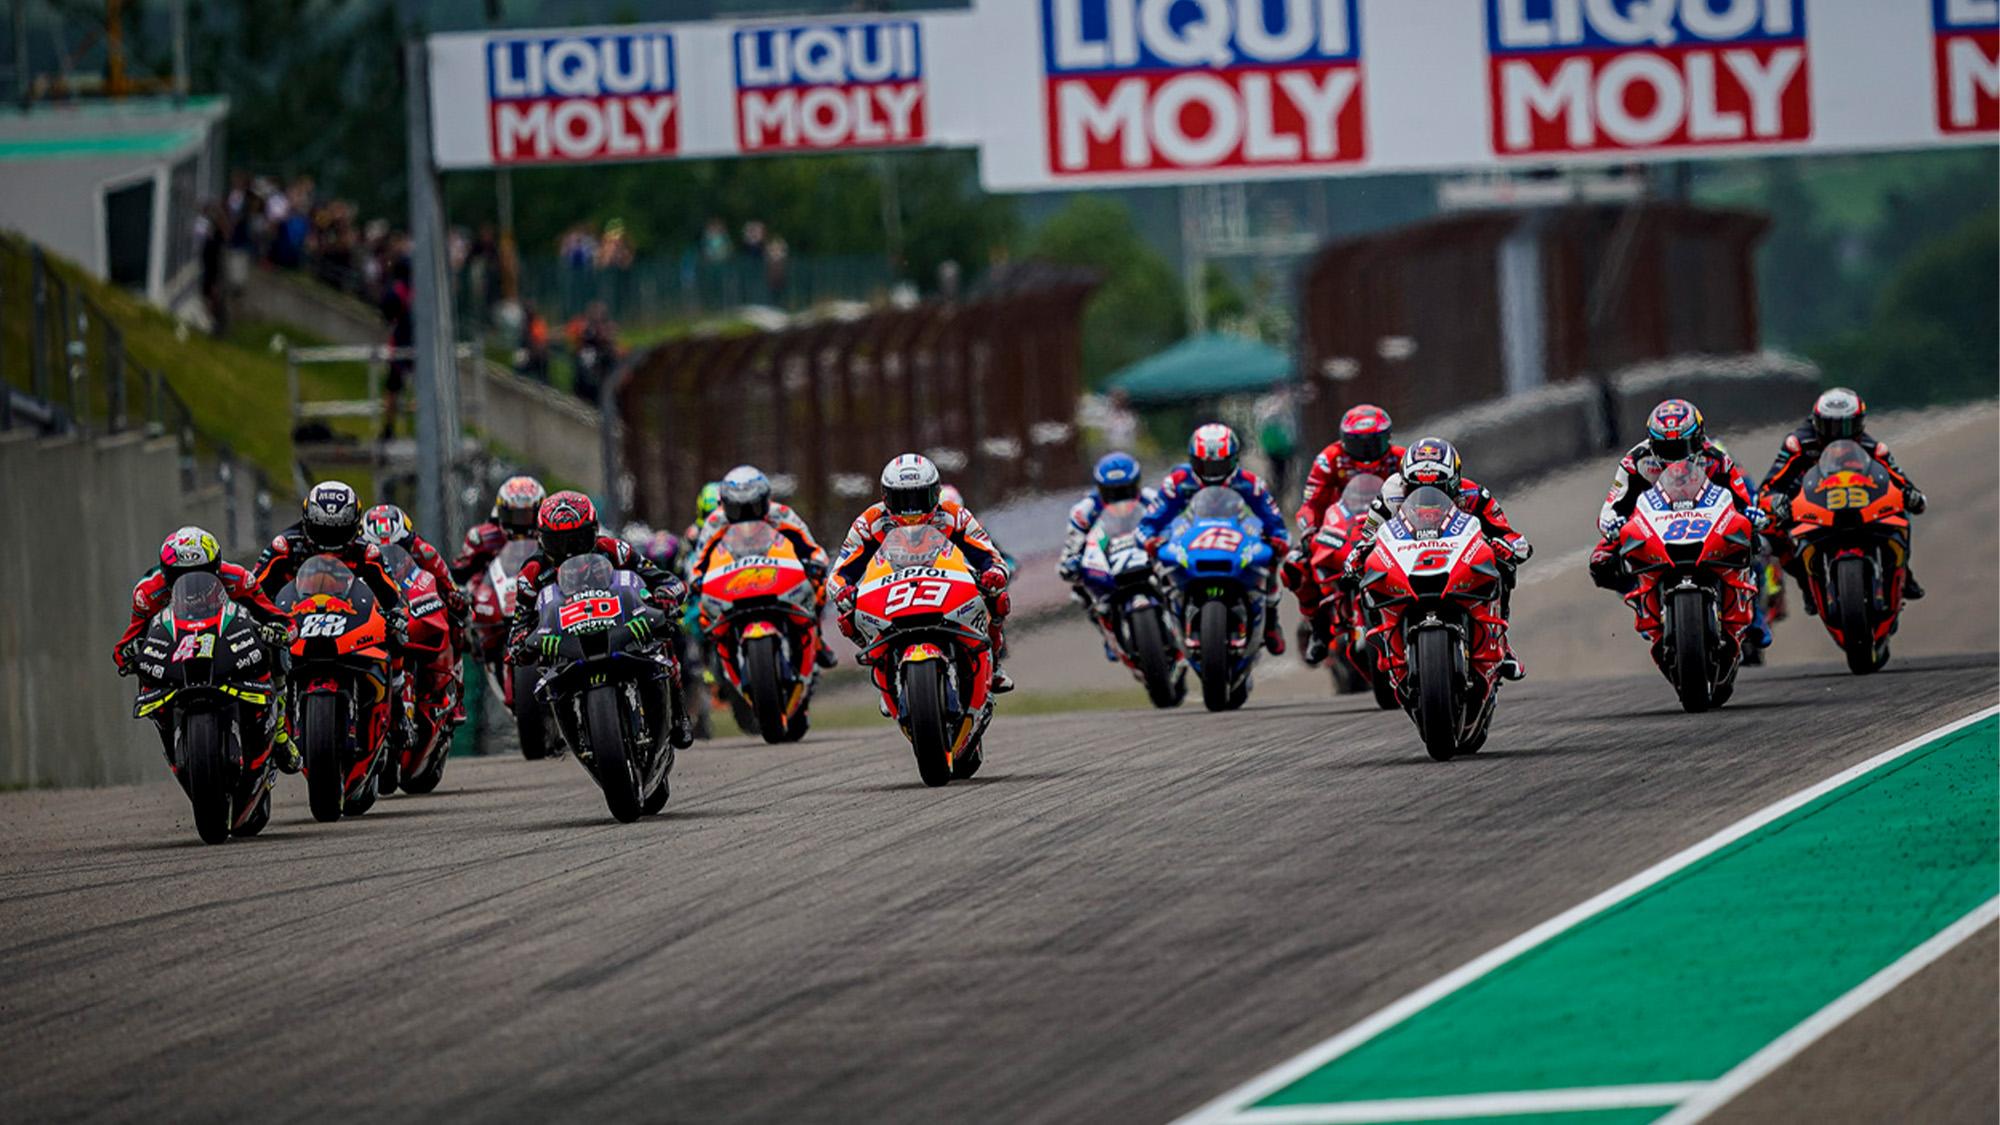 MotoGP start at the Sachsenring 2021